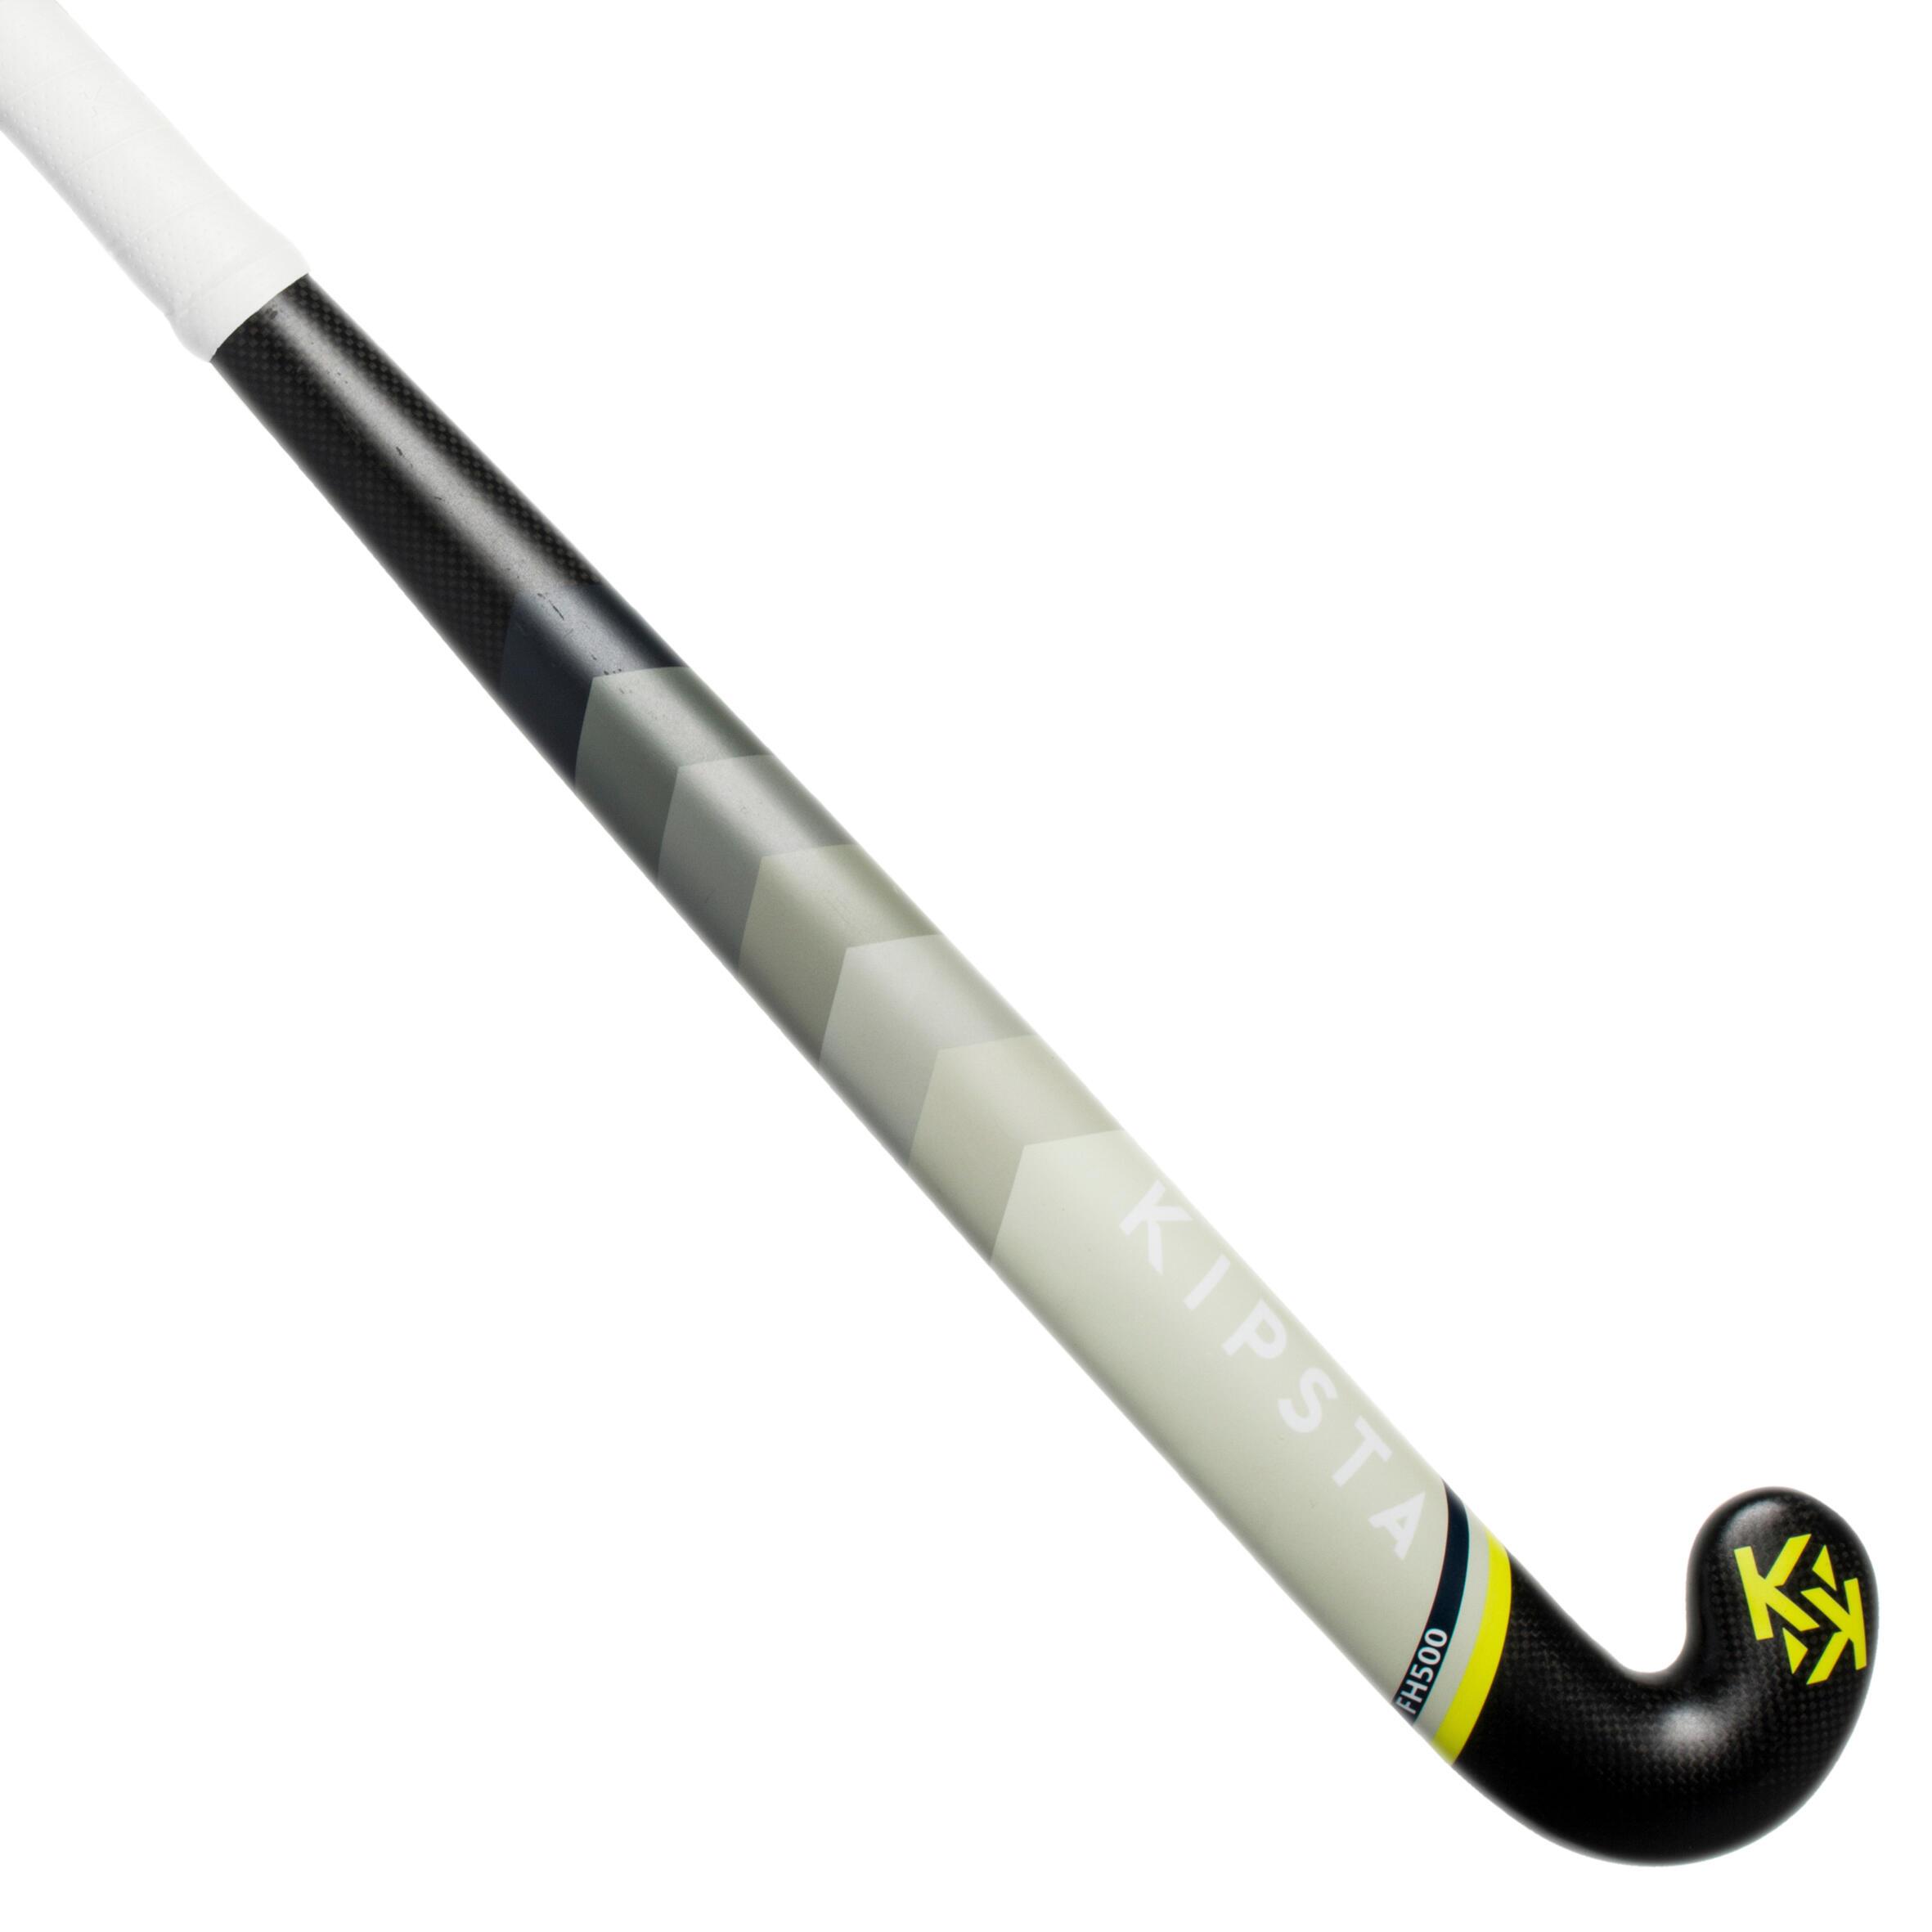 Kipsta Hockeystick voor gevorderde volwassenen midbow 50% carbon FH500 geel